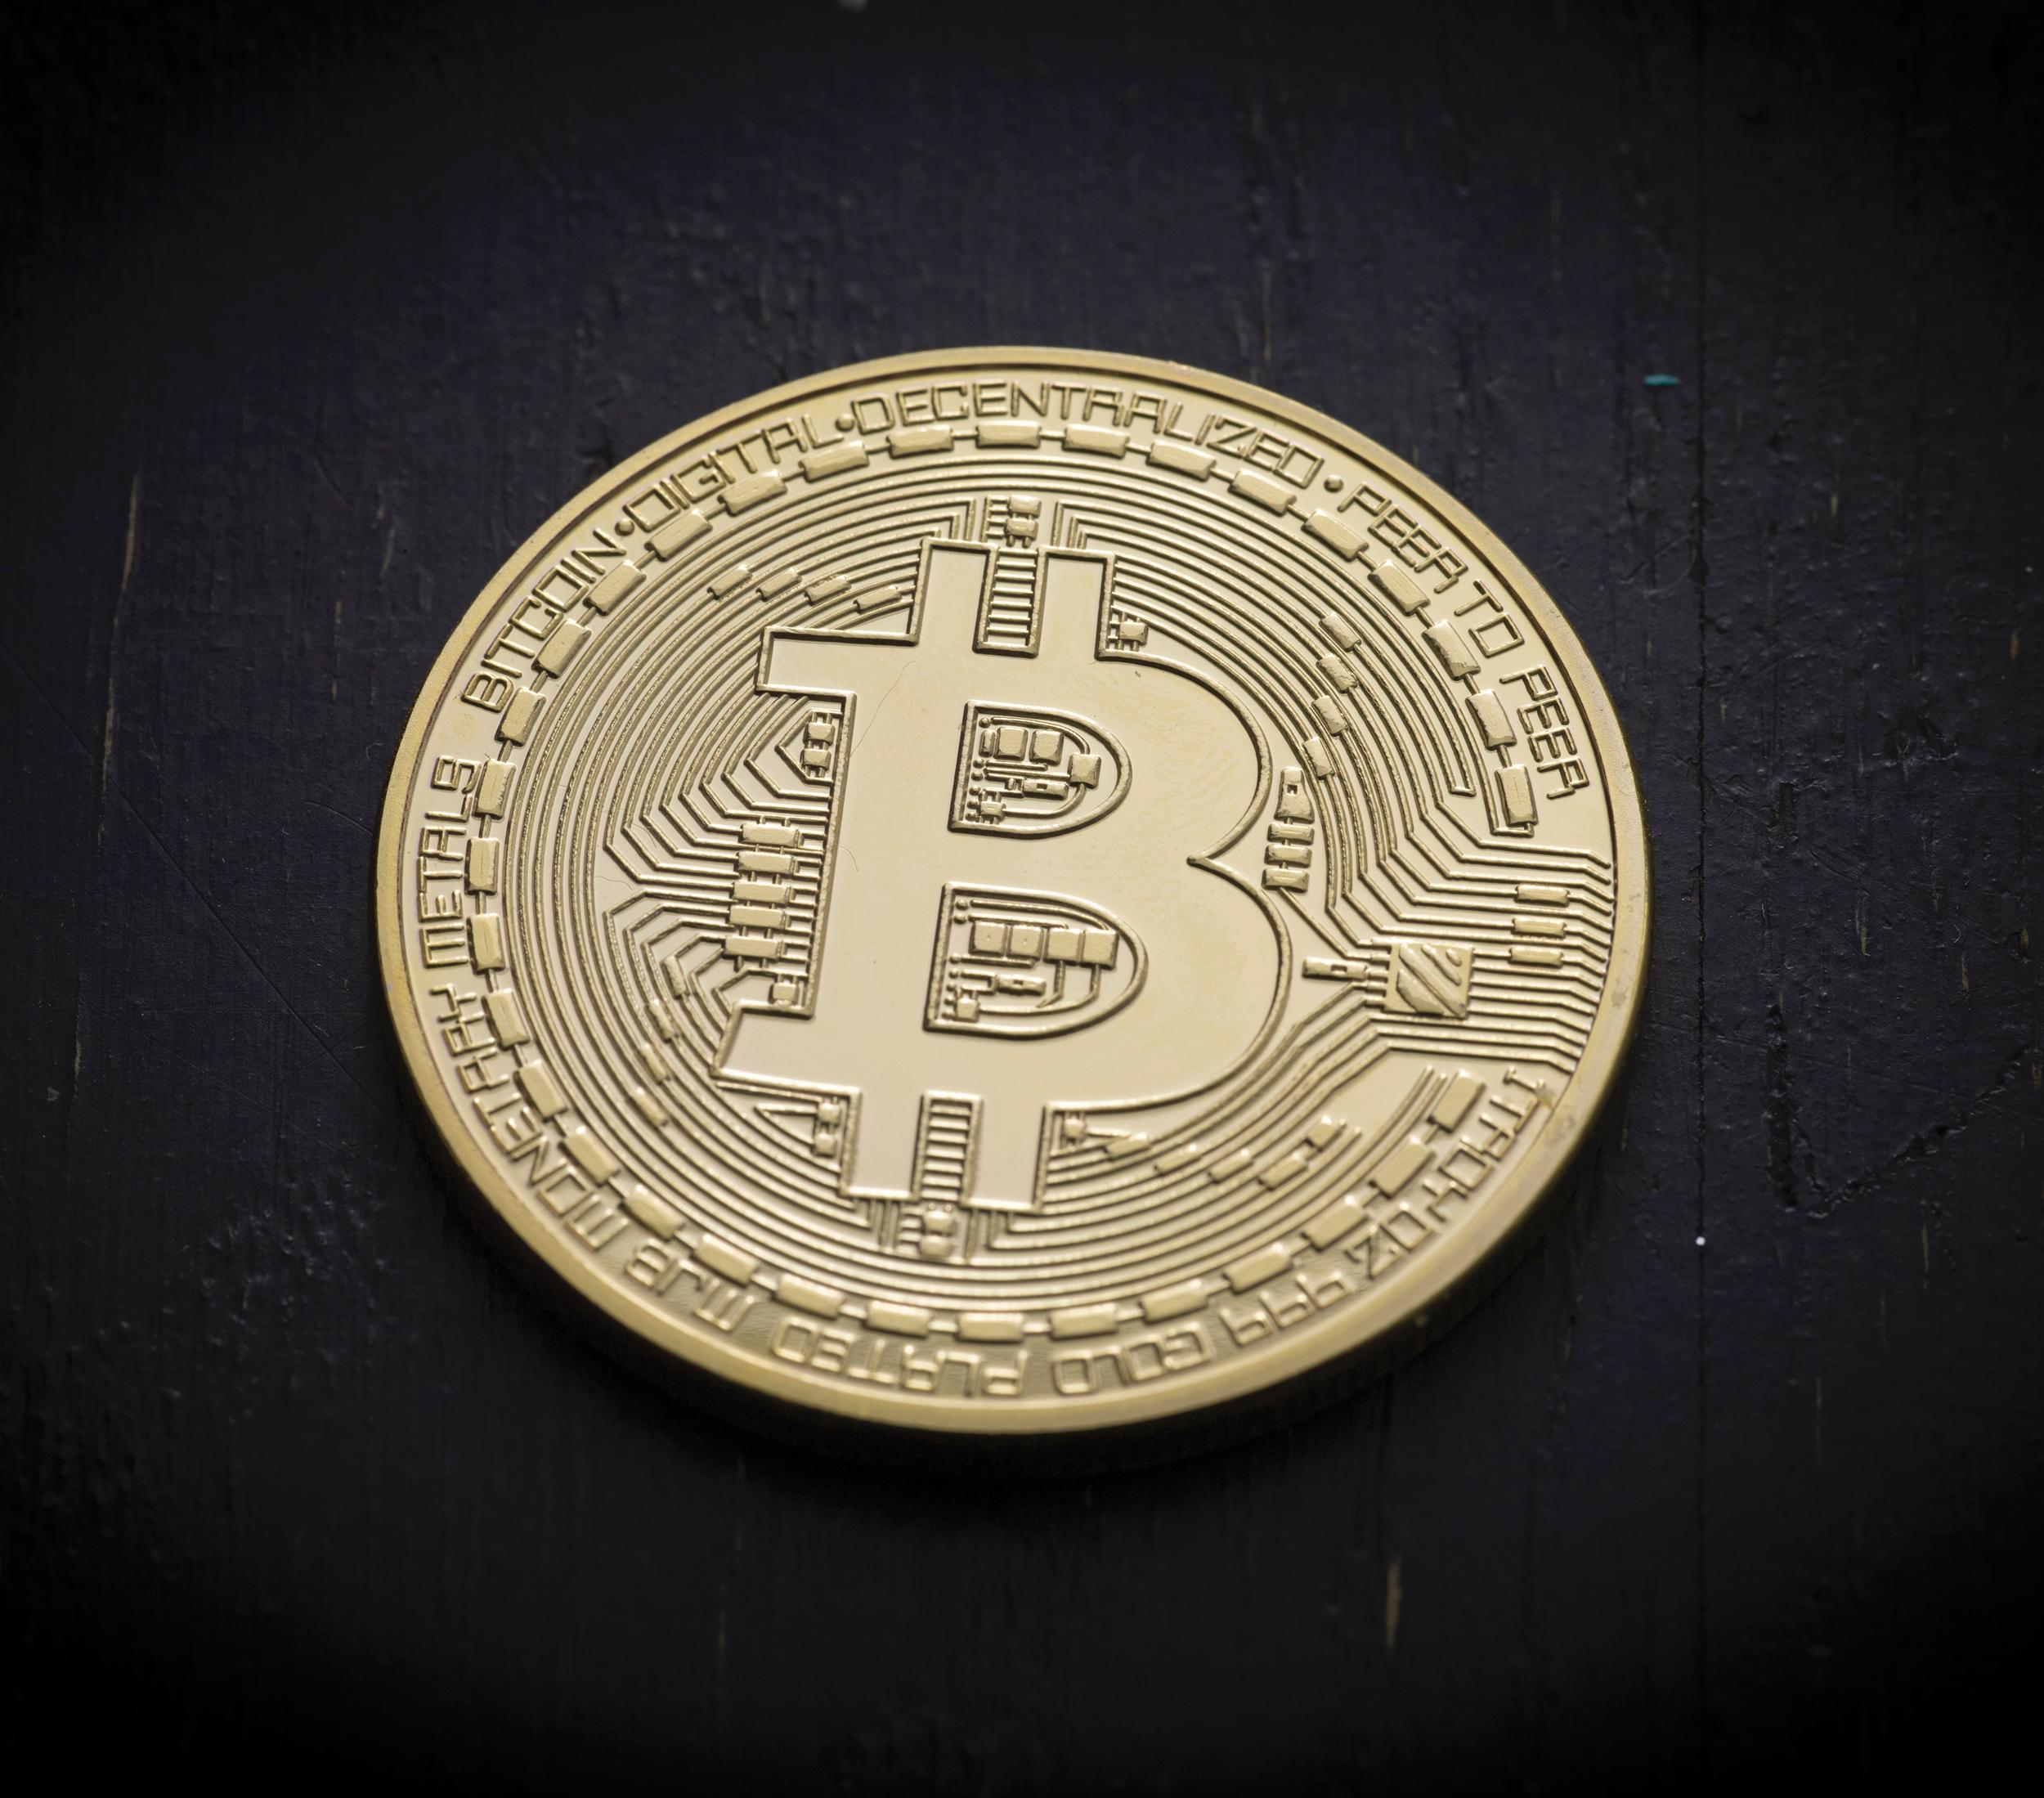 Noțiuni de bază: Cum să vând Bitcoin și alte Criptomonede? La ce ar trebui să am grijă? - Kriptomat